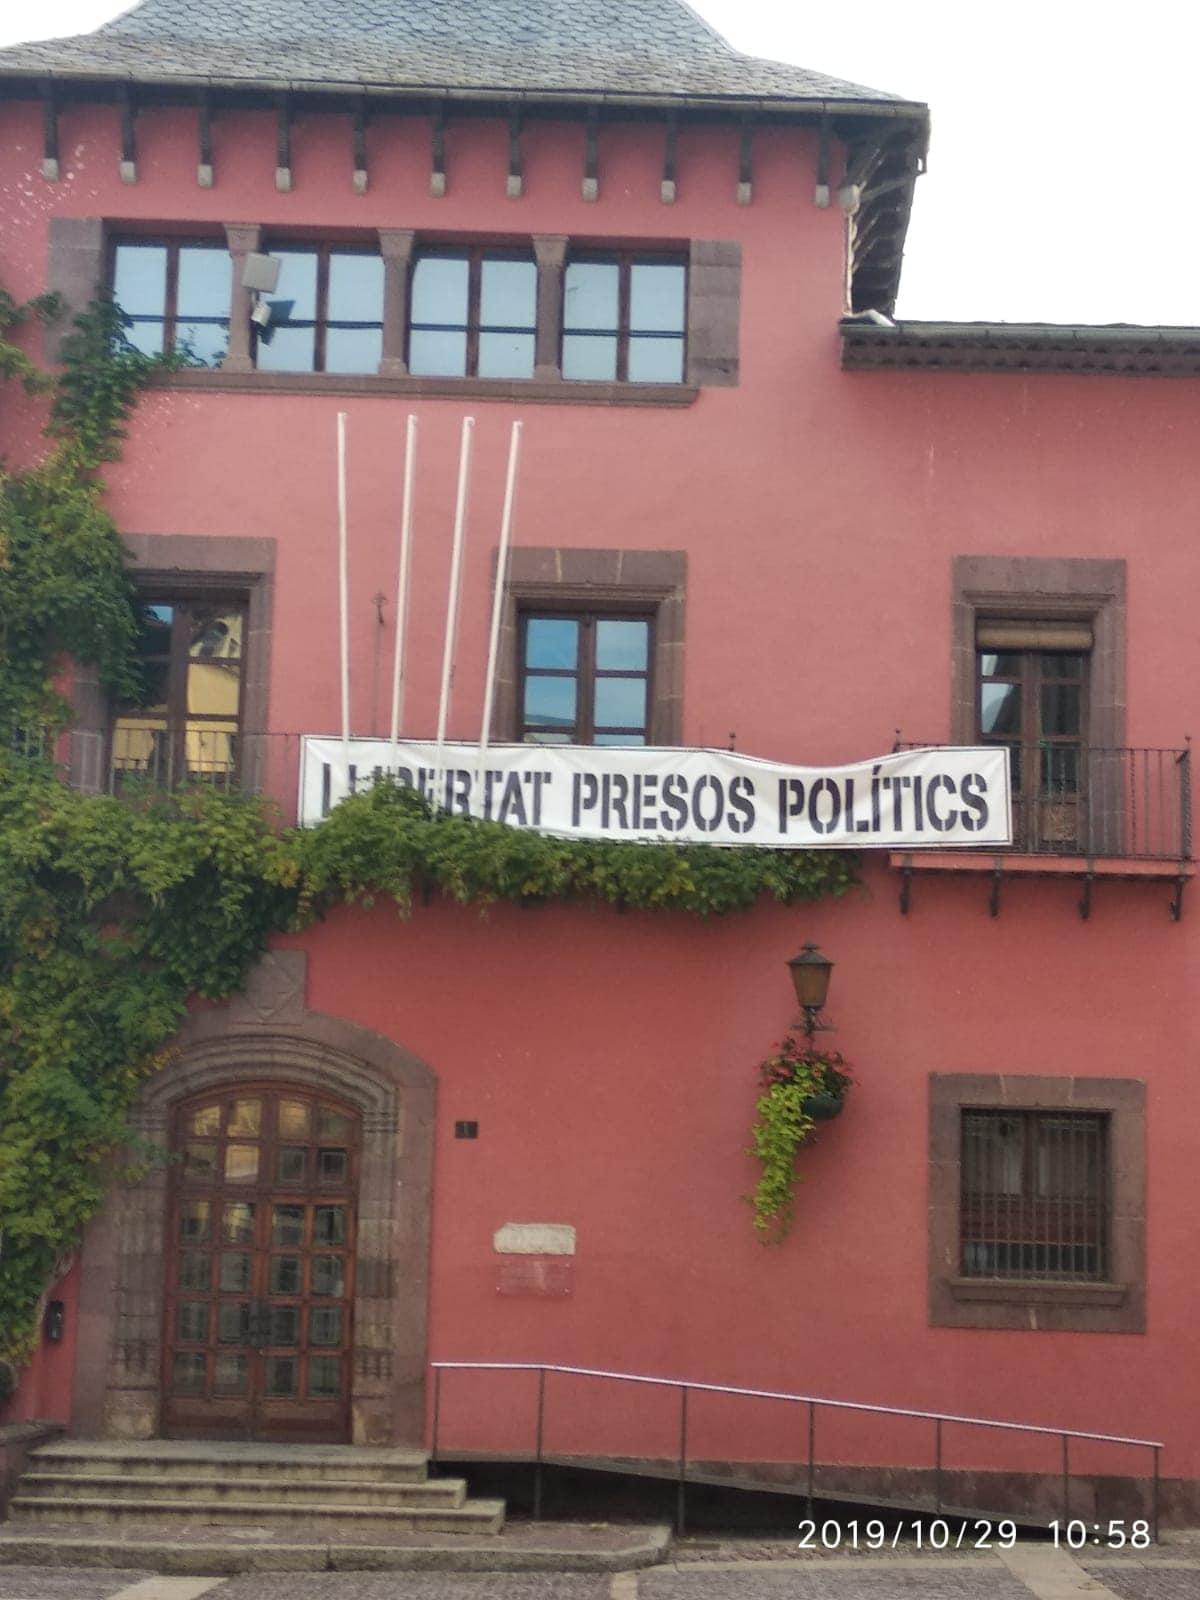 Fàbrega incompleix la llei electoral en mantenir la pancarta dels presos a l'ajuntament de la Seu